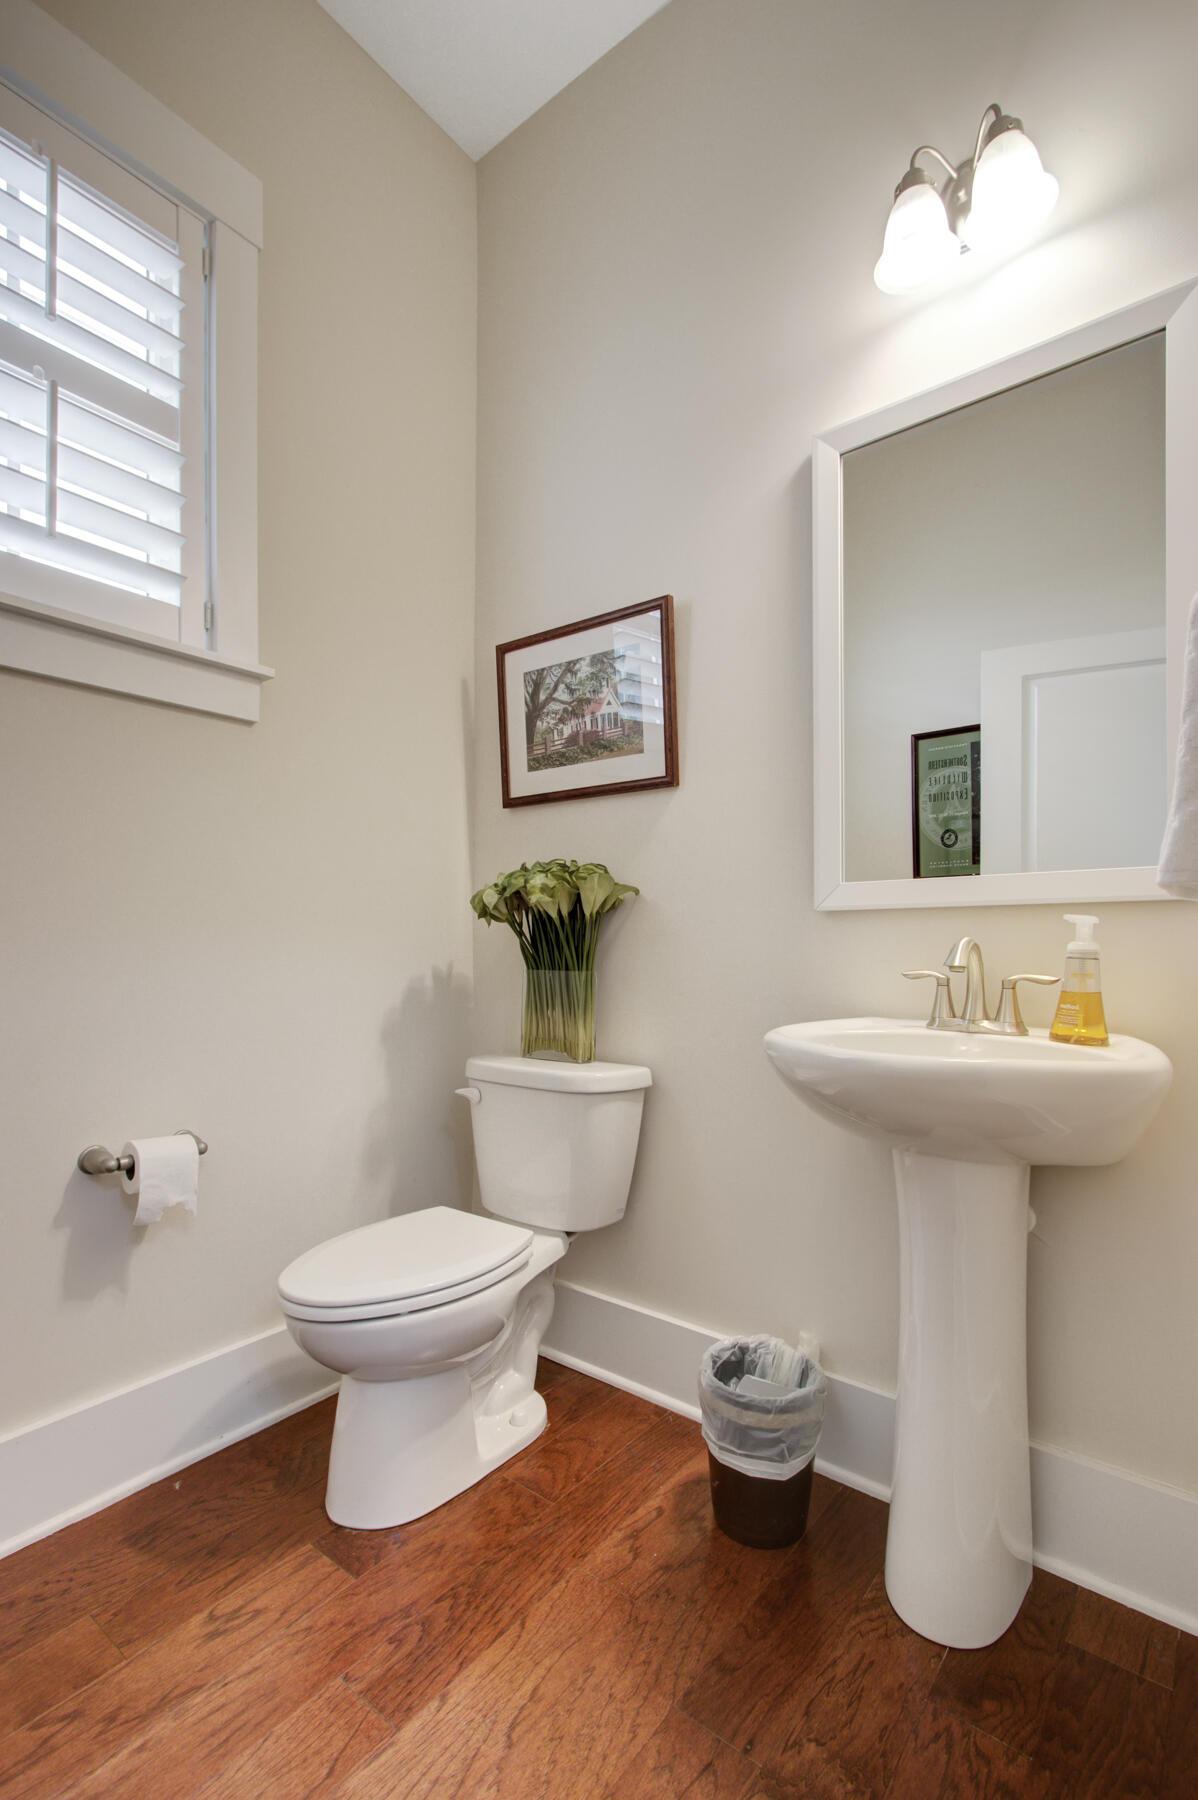 Moultrie Park Homes For Sale - 610 Ellingson, Mount Pleasant, SC - 14